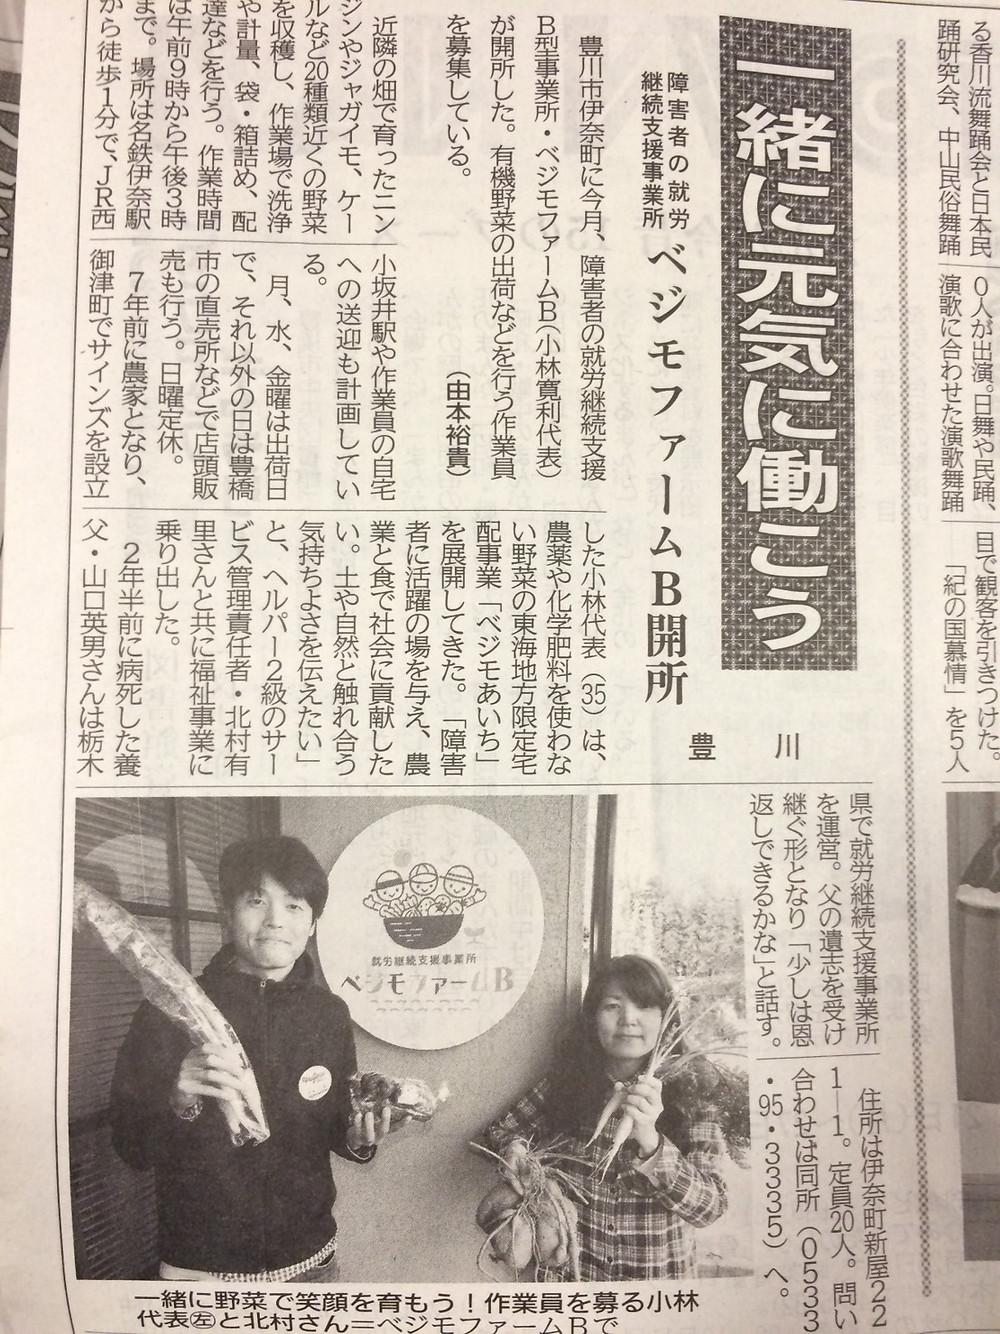 ベジモファームB就労継続支援事業所(東愛知新聞)